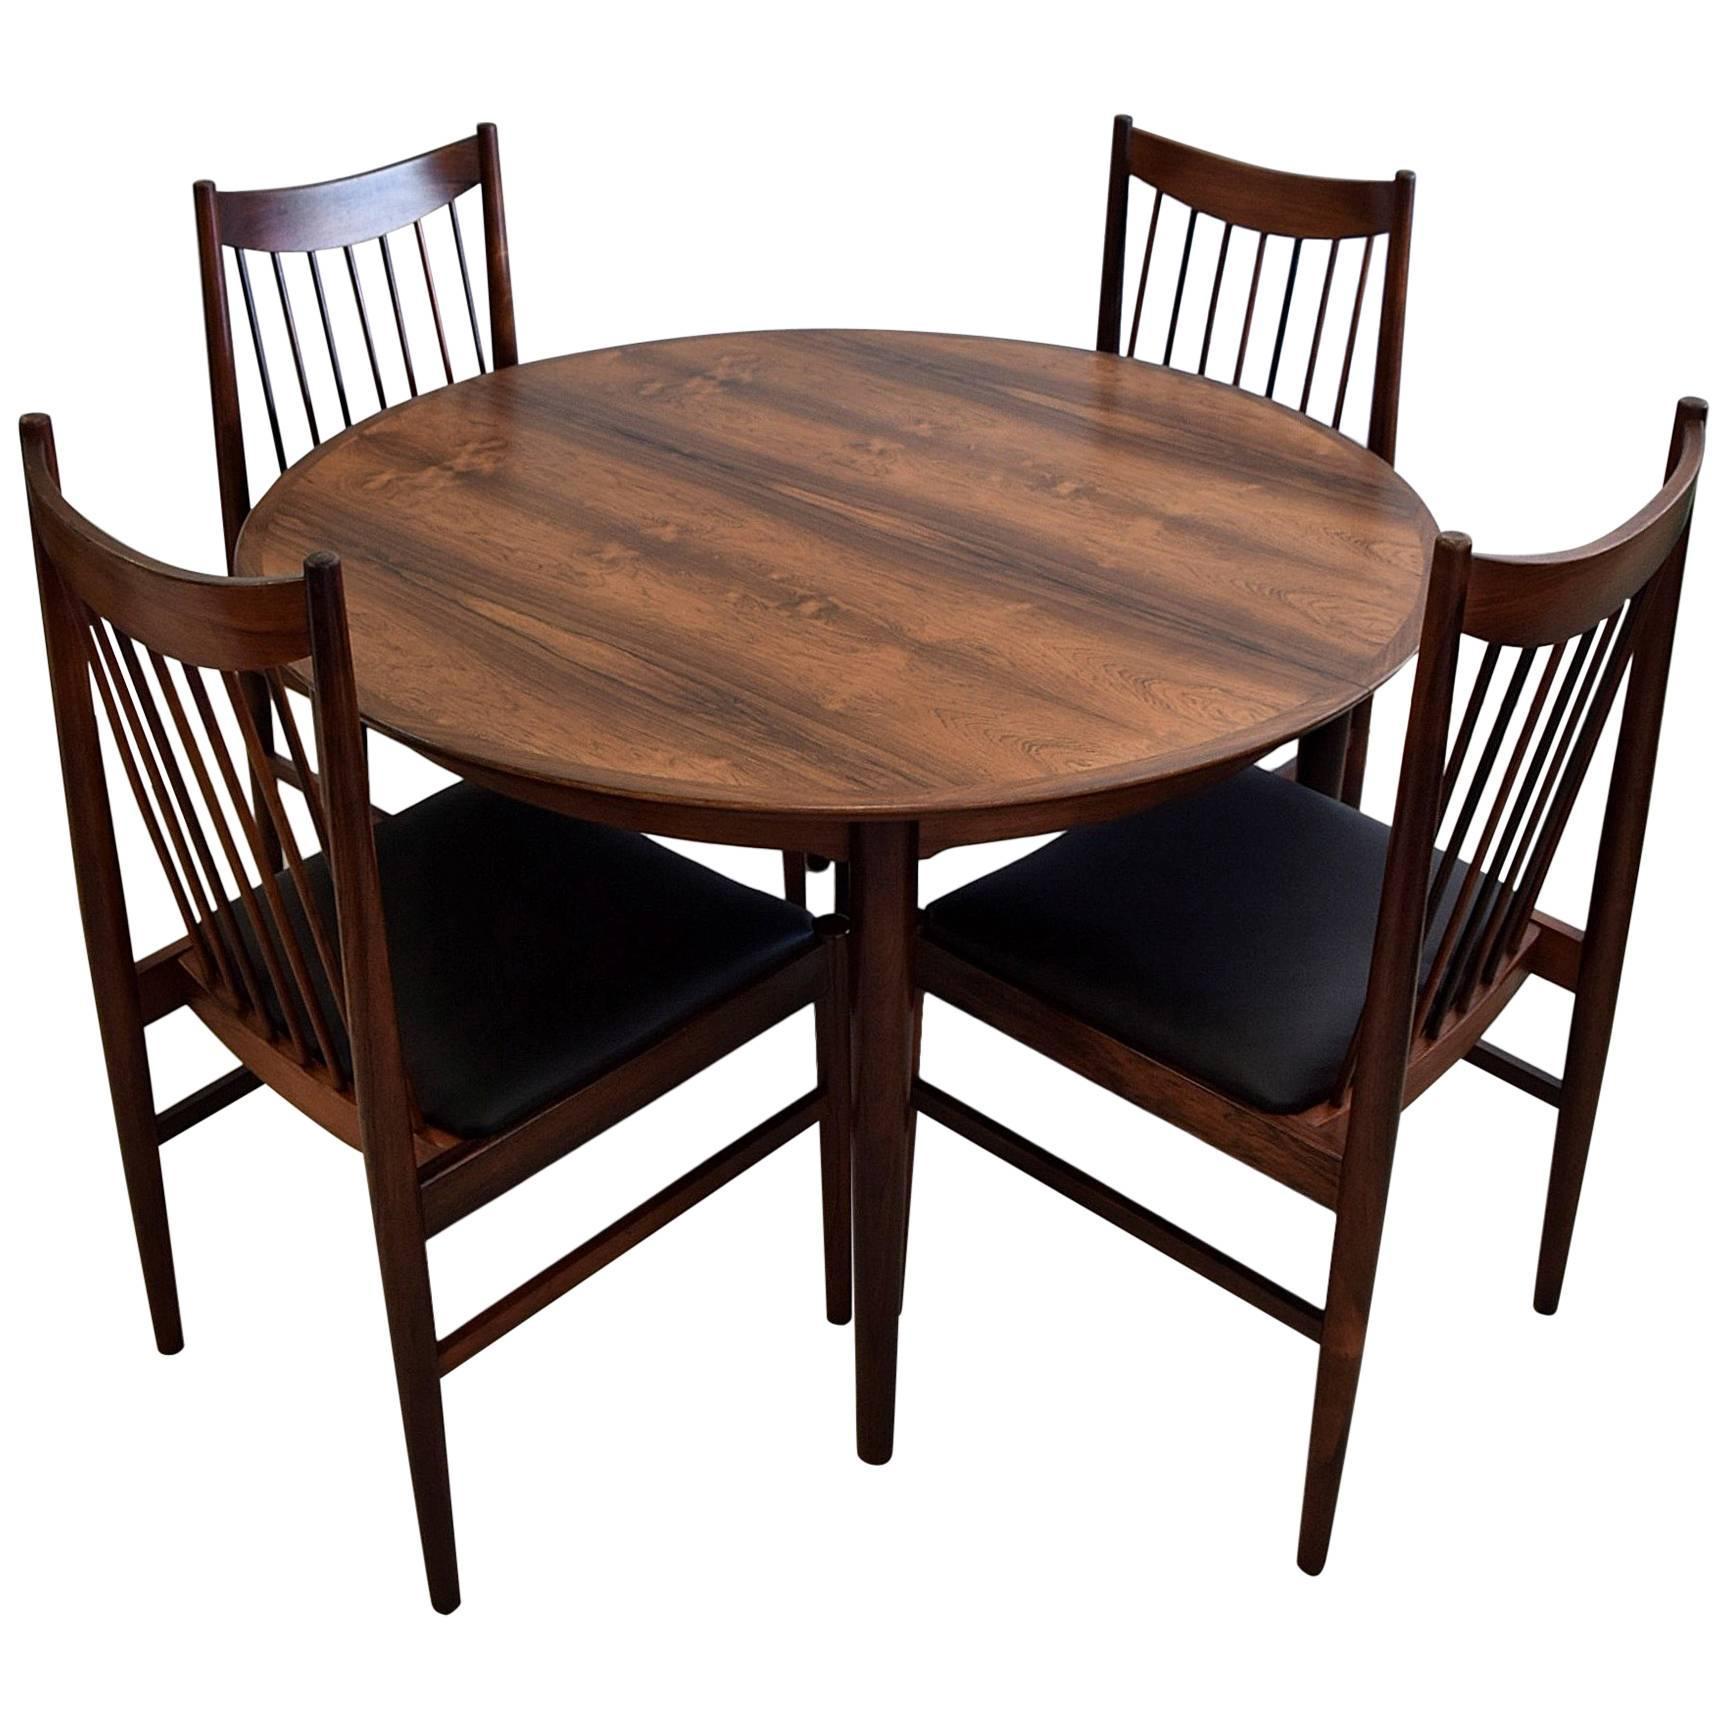 Arne Vodder Mid Century Modern Mahogany Dining Room Set